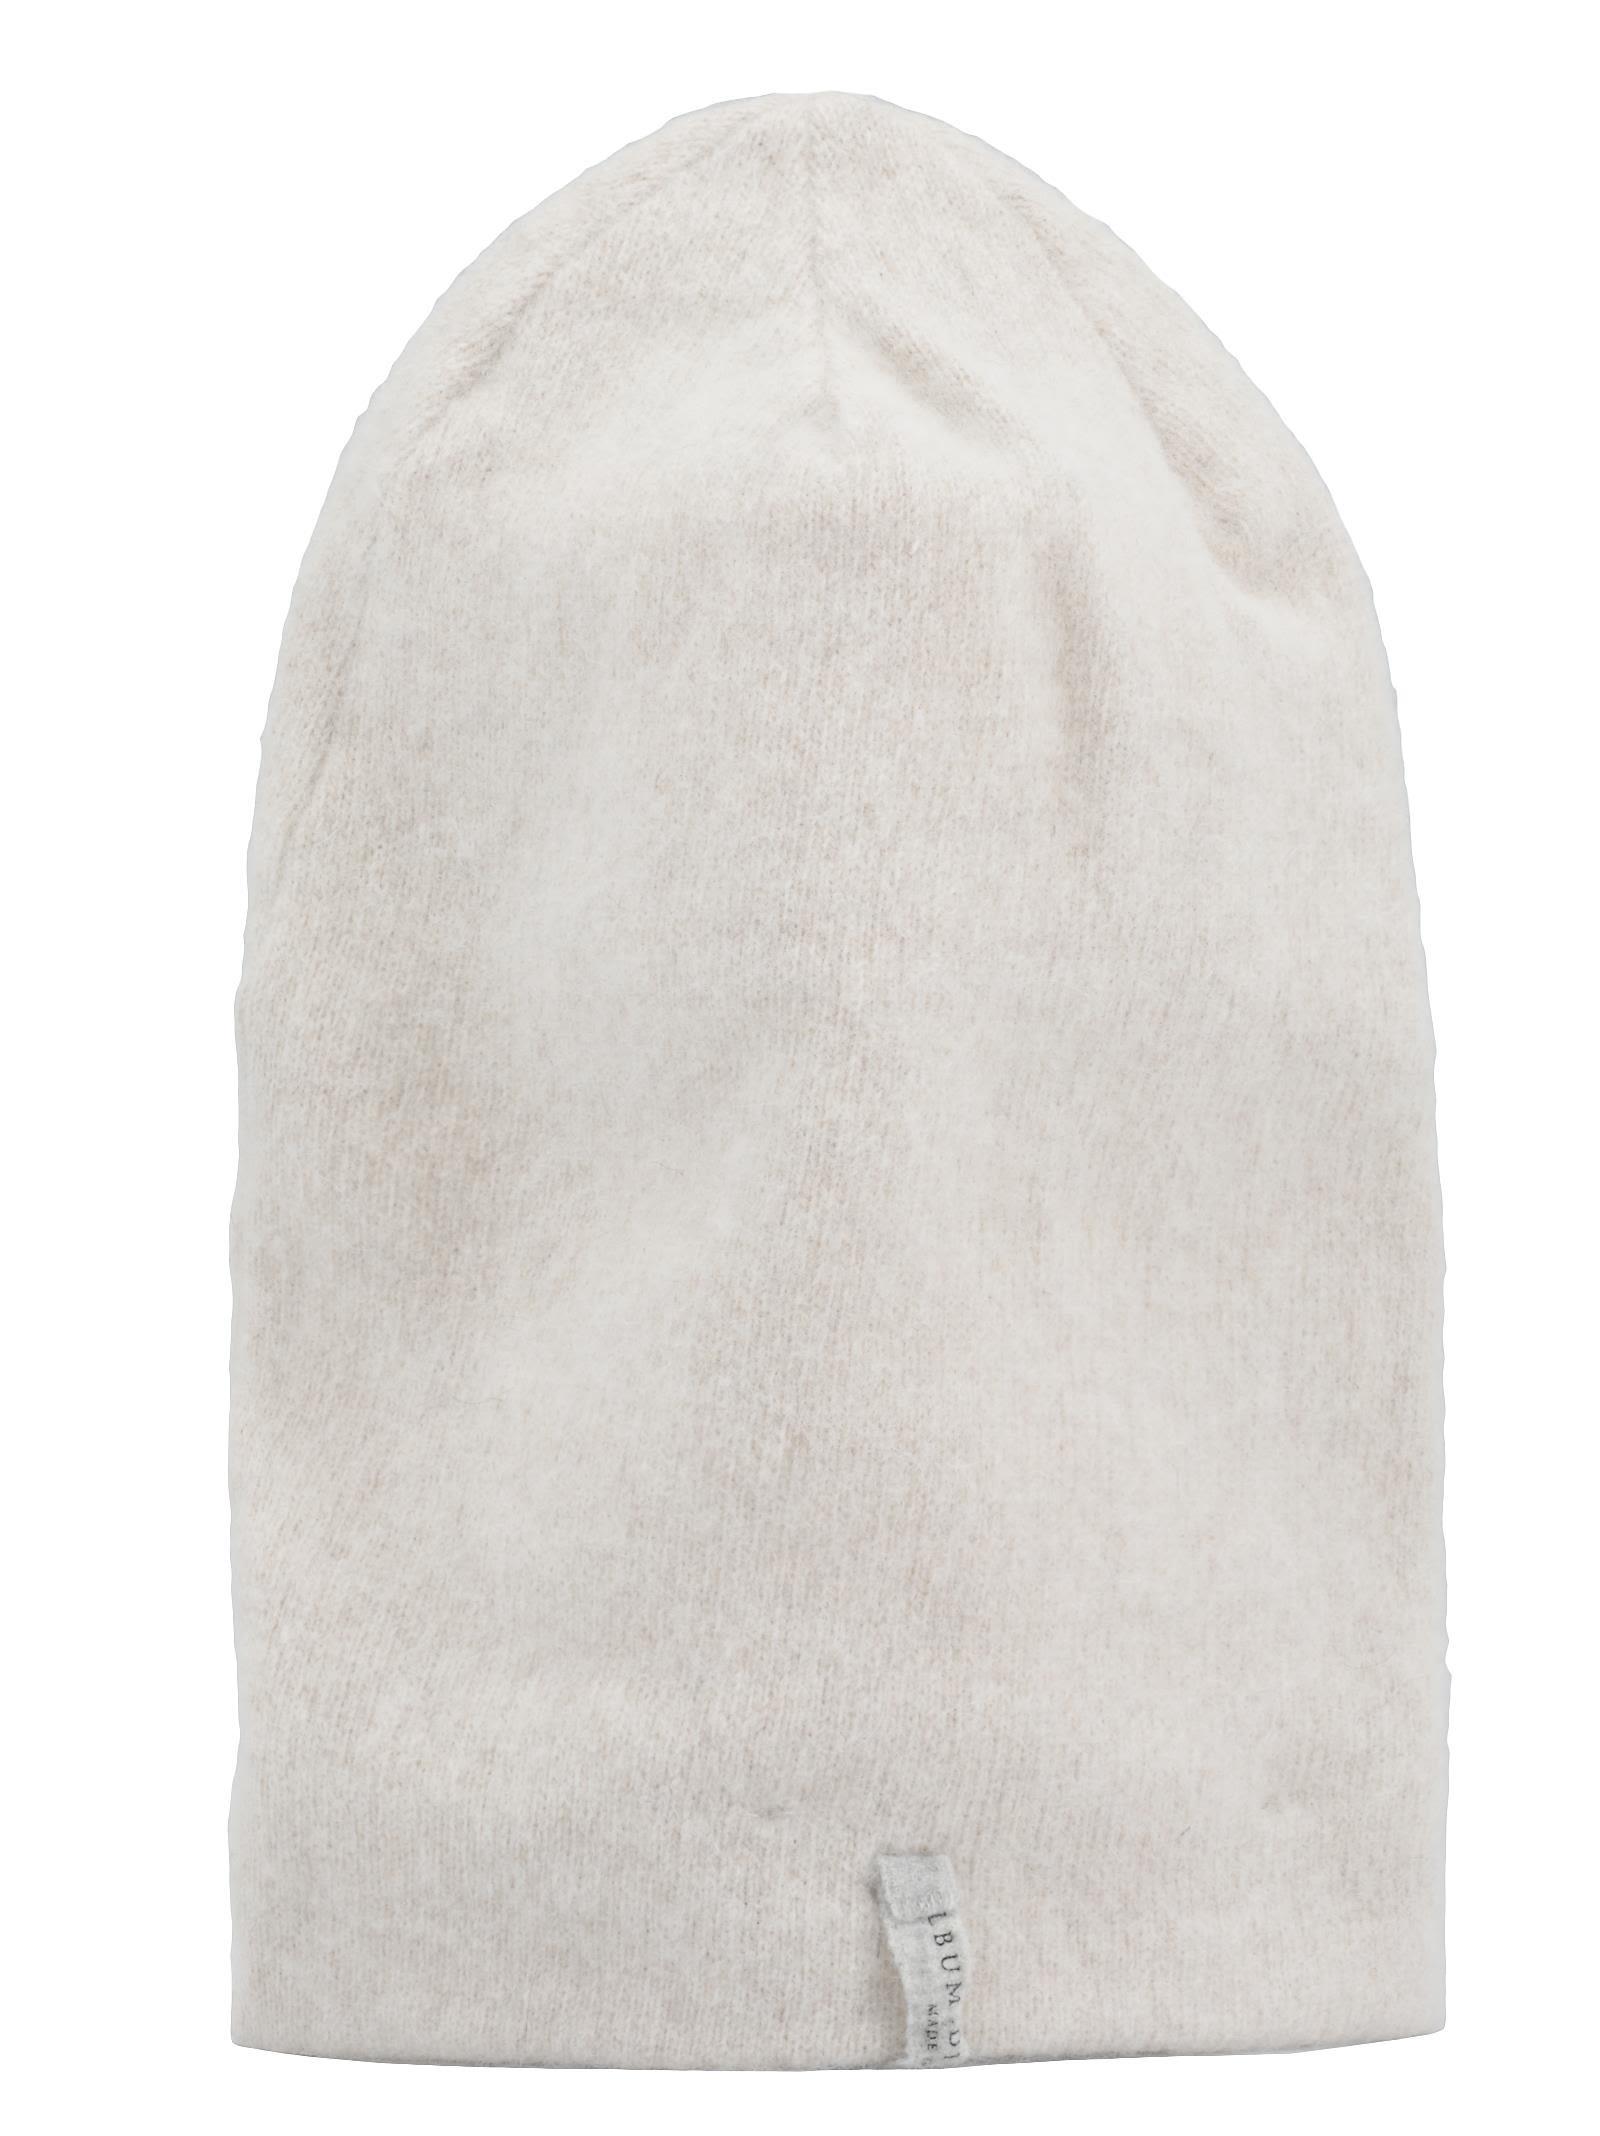 ALBUM DI FAMIGLIA Wool Hat in Off White